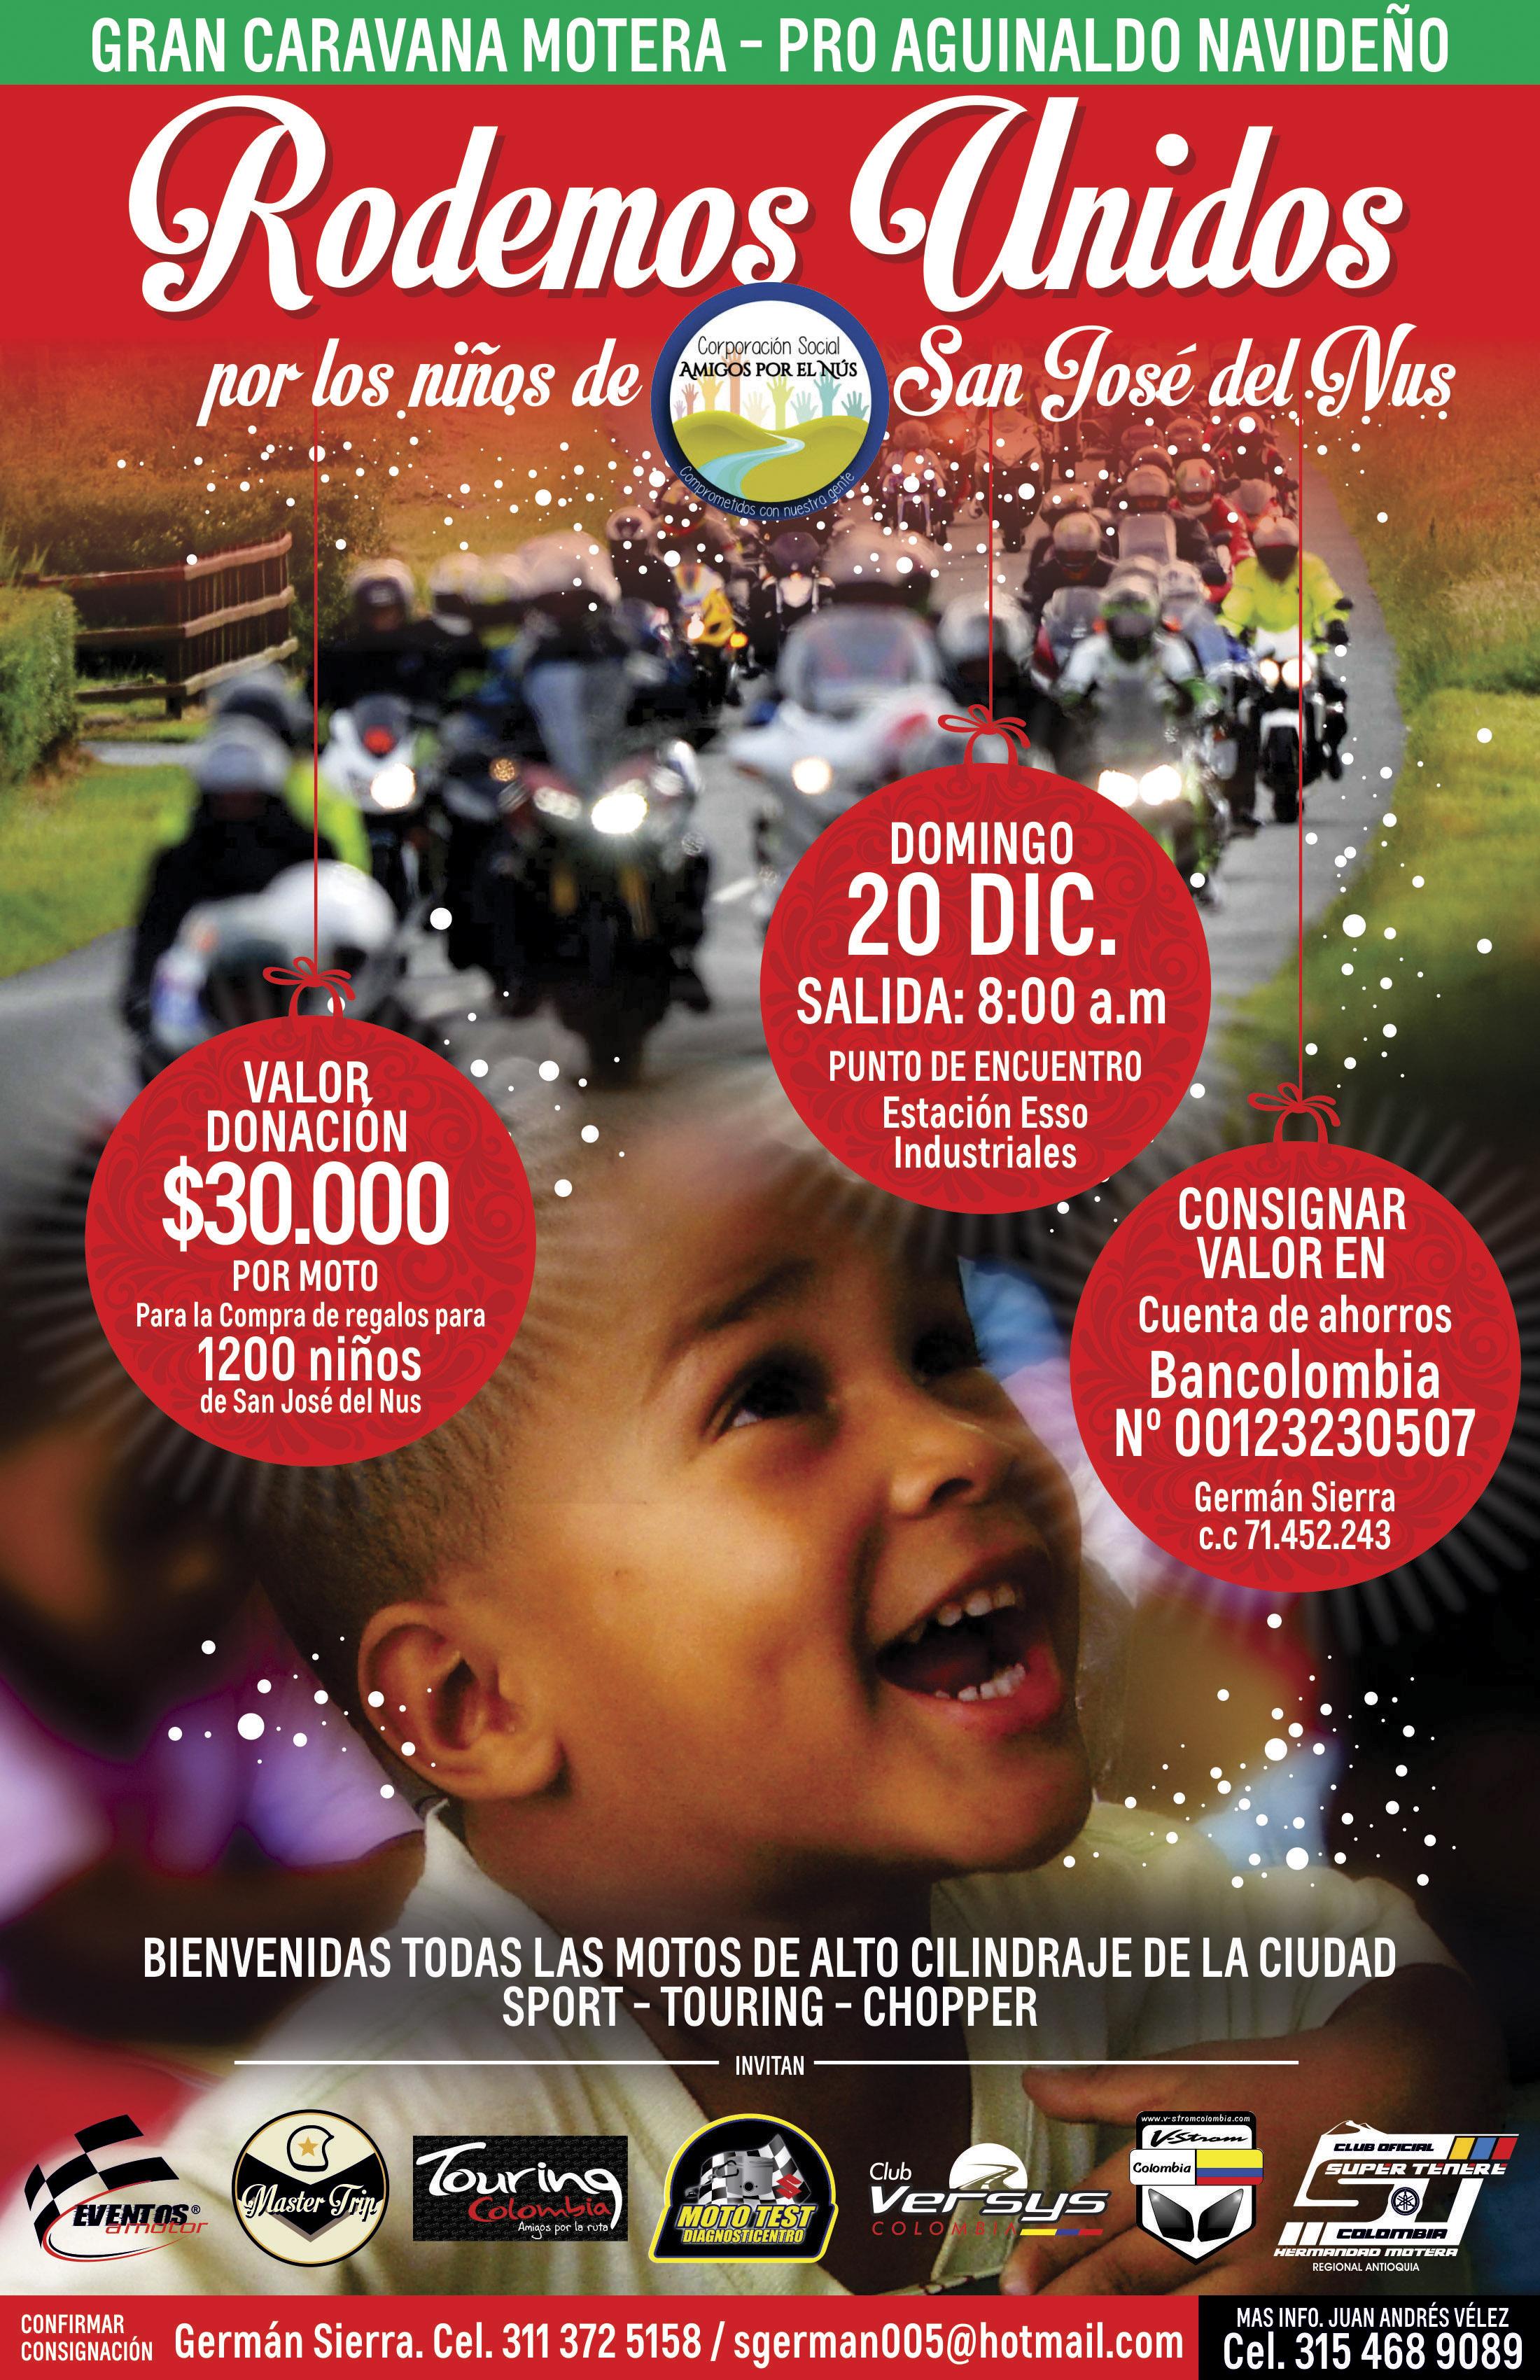 Caravana motos de Medellín niños San Jose del Nus